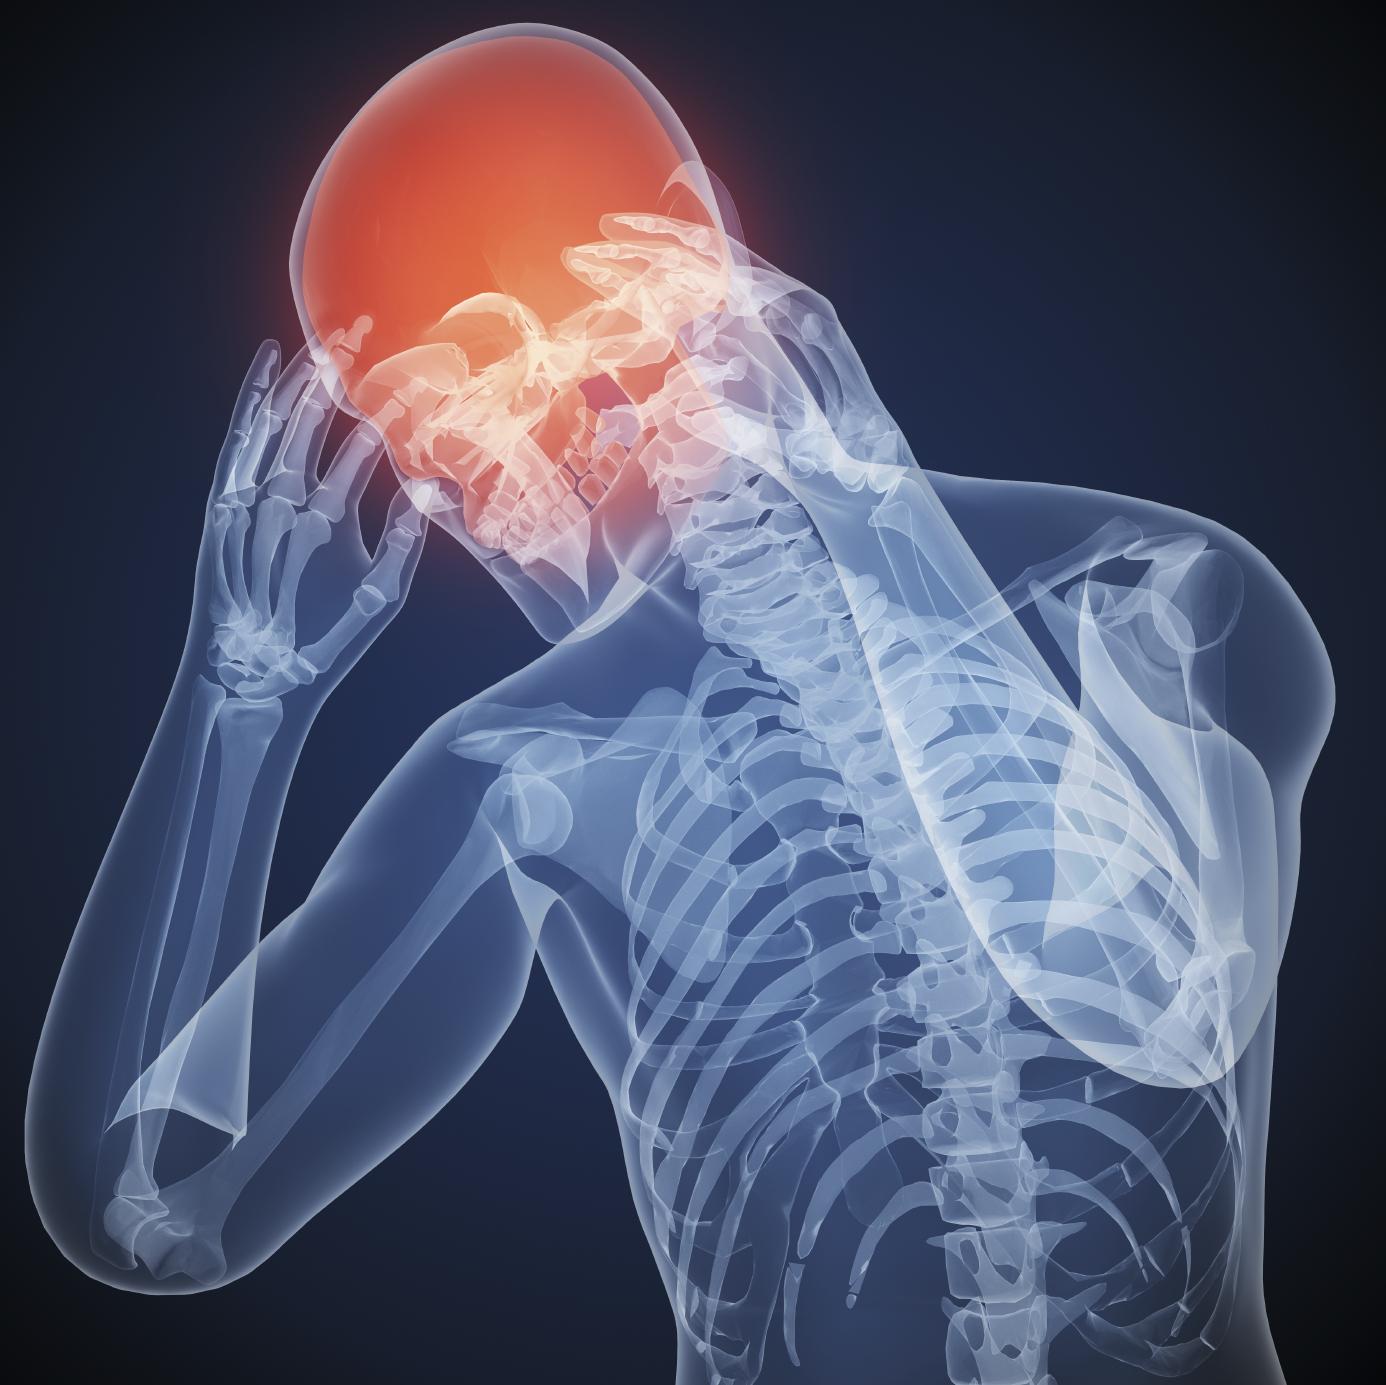 ضربه مغزی ، تشخیص ضربه مغزی